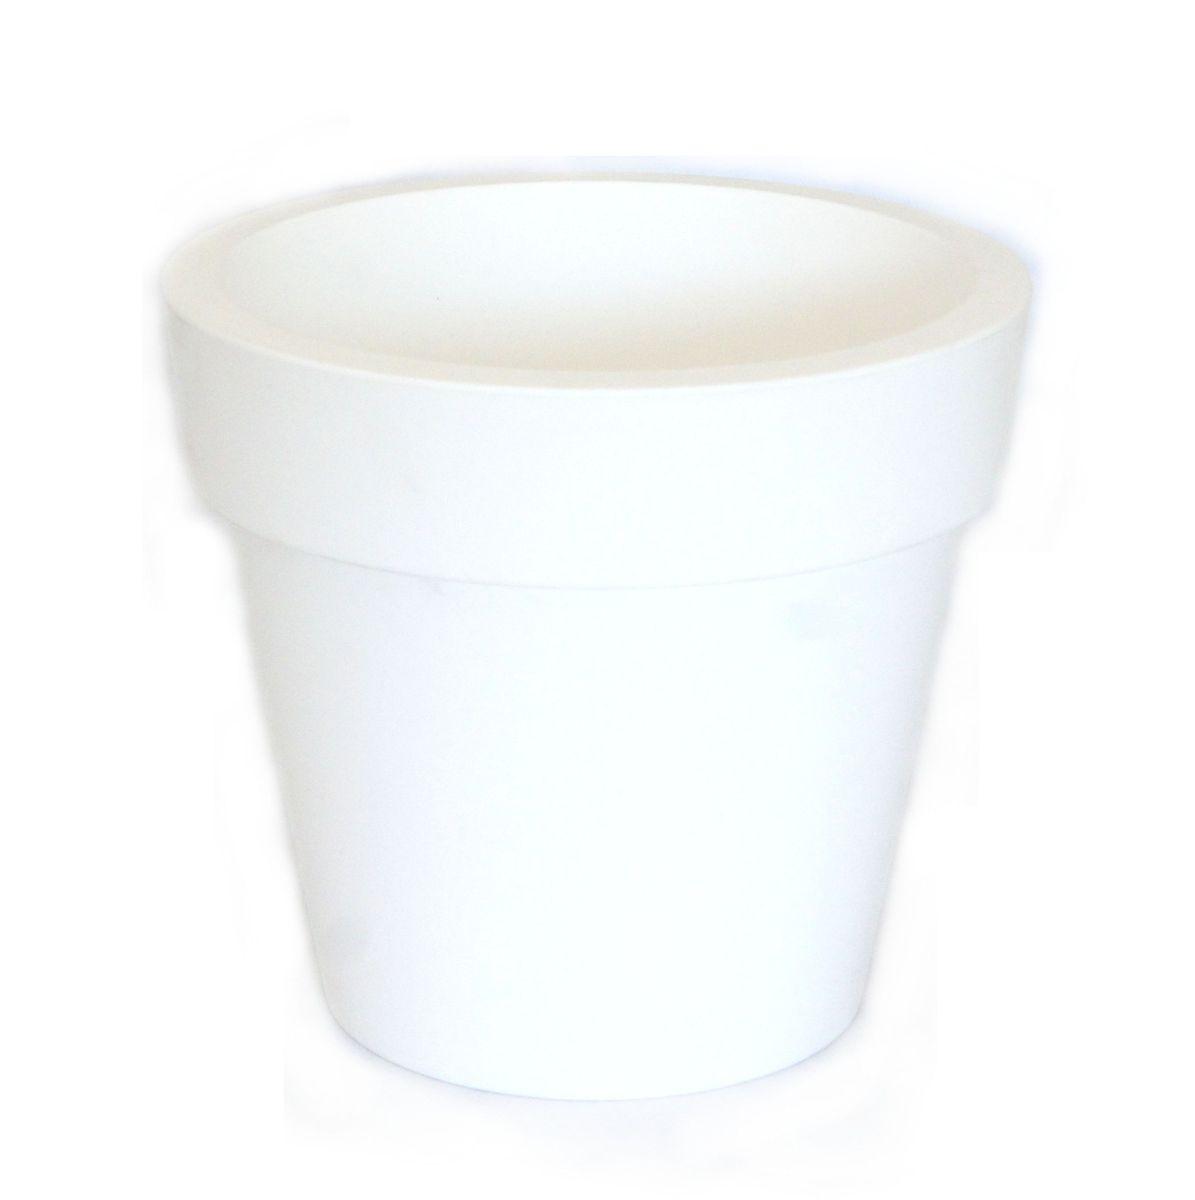 Кашпо JetPlast Порто, со вставкой, цвет: белый, 2,4 л4612754051151Любой, даже самый современный и продуманный интерьер будет незавершенным без растений. Они не только очищают воздух и насыщают его кислородом, но и украшают окружающее пространство. Такому полезному члену семьи просто необходим красивый и функциональный дом! Оптимальный выбор материала — пластмасса! Почему мы так считаем? Малый вес. С легкостью переносите горшки и кашпо с места на место, ставьте их на столики или полки, не беспокоясь о нагрузке. Простота ухода. Кашпо не нуждается в специальных условиях хранения. Его легко чистить — достаточно просто сполоснуть теплой водой. Никаких потертостей. Такие кашпо не царапают и не загрязняют поверхности, на которых стоят. Пластик дольше хранит влагу, а значит, растение реже нуждается в поливе. Пластмасса не пропускает воздух — корневой системе растения не грозят резкие перепады температур. Огромный выбор форм, декора и расцветок — вы без труда найдете что-то, что идеально впишется в уже существующий интерьер. Соблюдая нехитрые правила ухода, вы можете заметно продлить срок службы горшков и кашпо из пластика: всегда учитывайте размер кроны и корневой системы (при разрастании большое растение способно повредить маленький горшок) берегите изделие от воздействия прямых солнечных лучей, чтобы горшки не выцветали держите кашпо из пластика подальше от нагревающихся поверхностей. Создавайте прекрасные цветочные композиции, выращивайте рассаду или необычные растения.